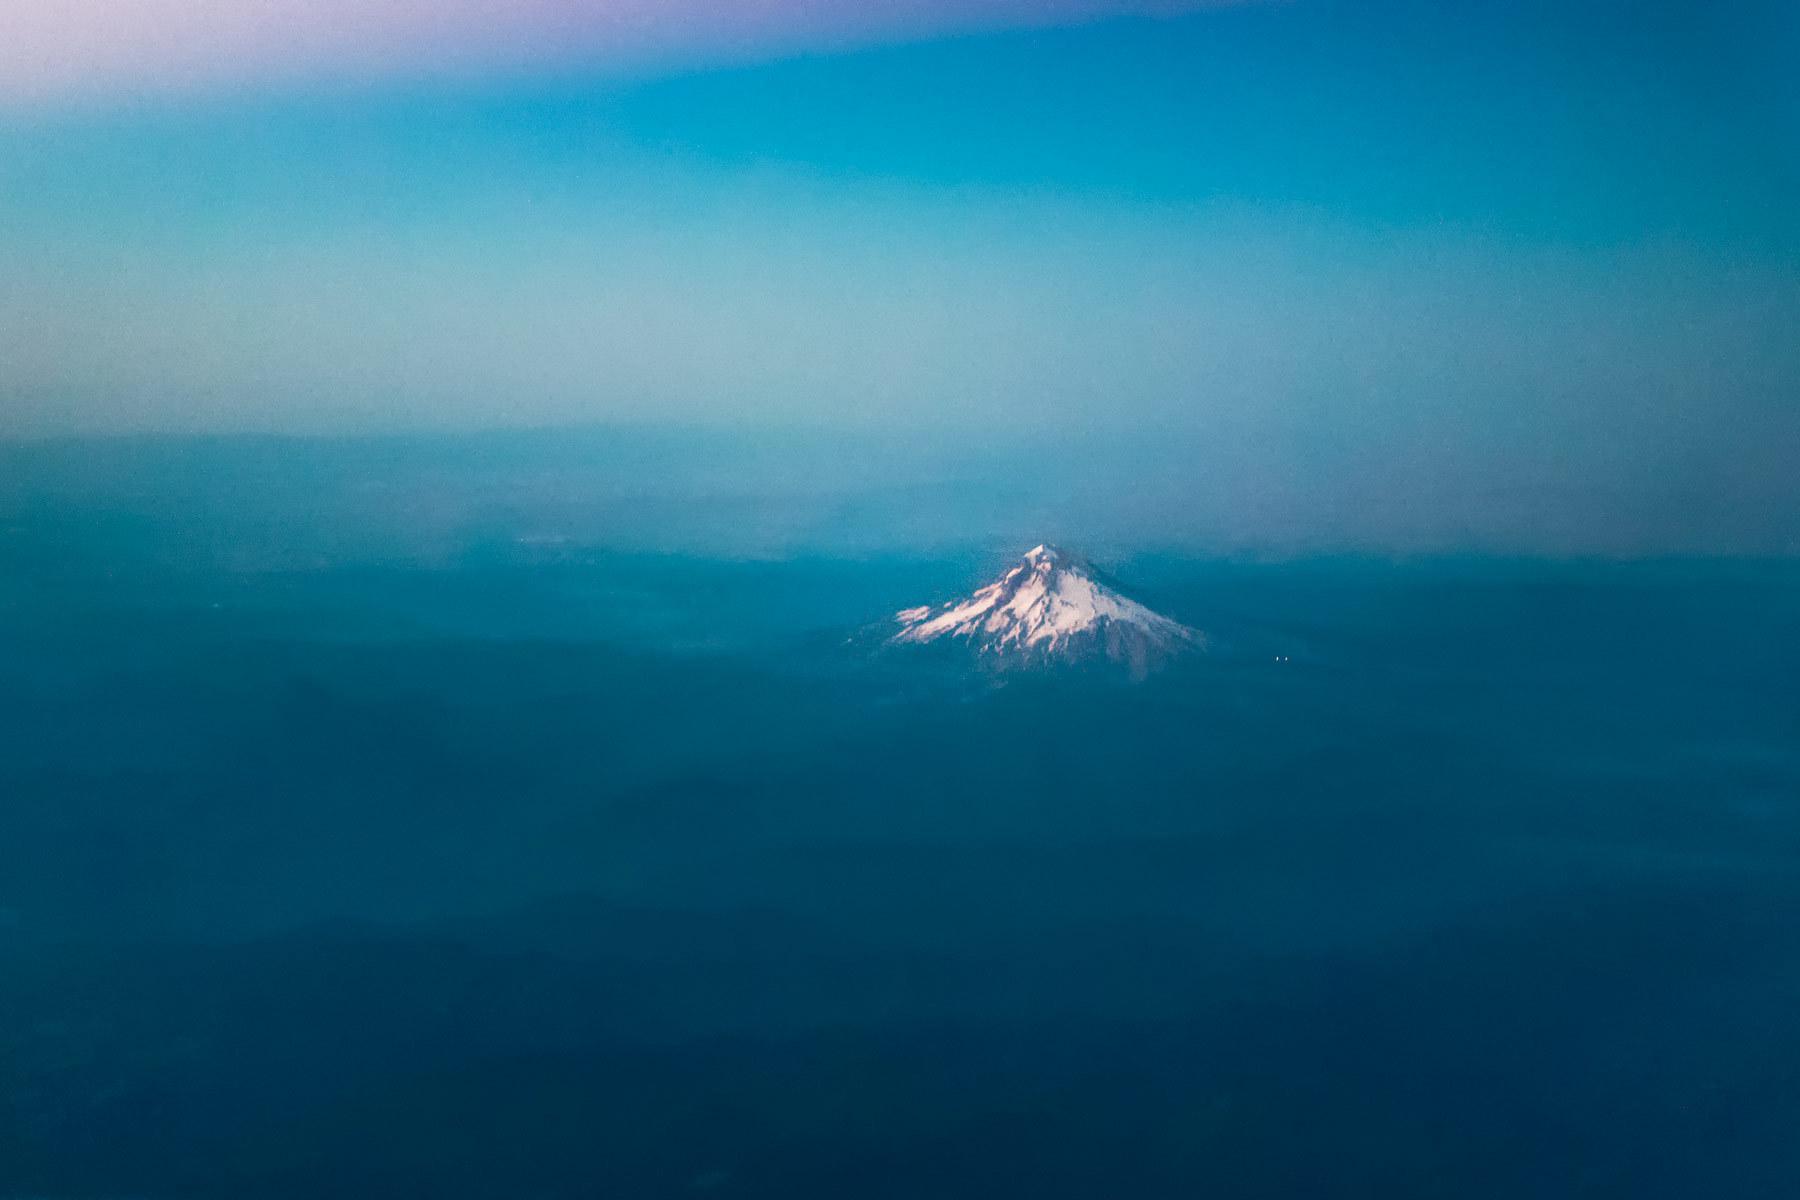 Aerial shot of Mt Hood, oregon at sunset